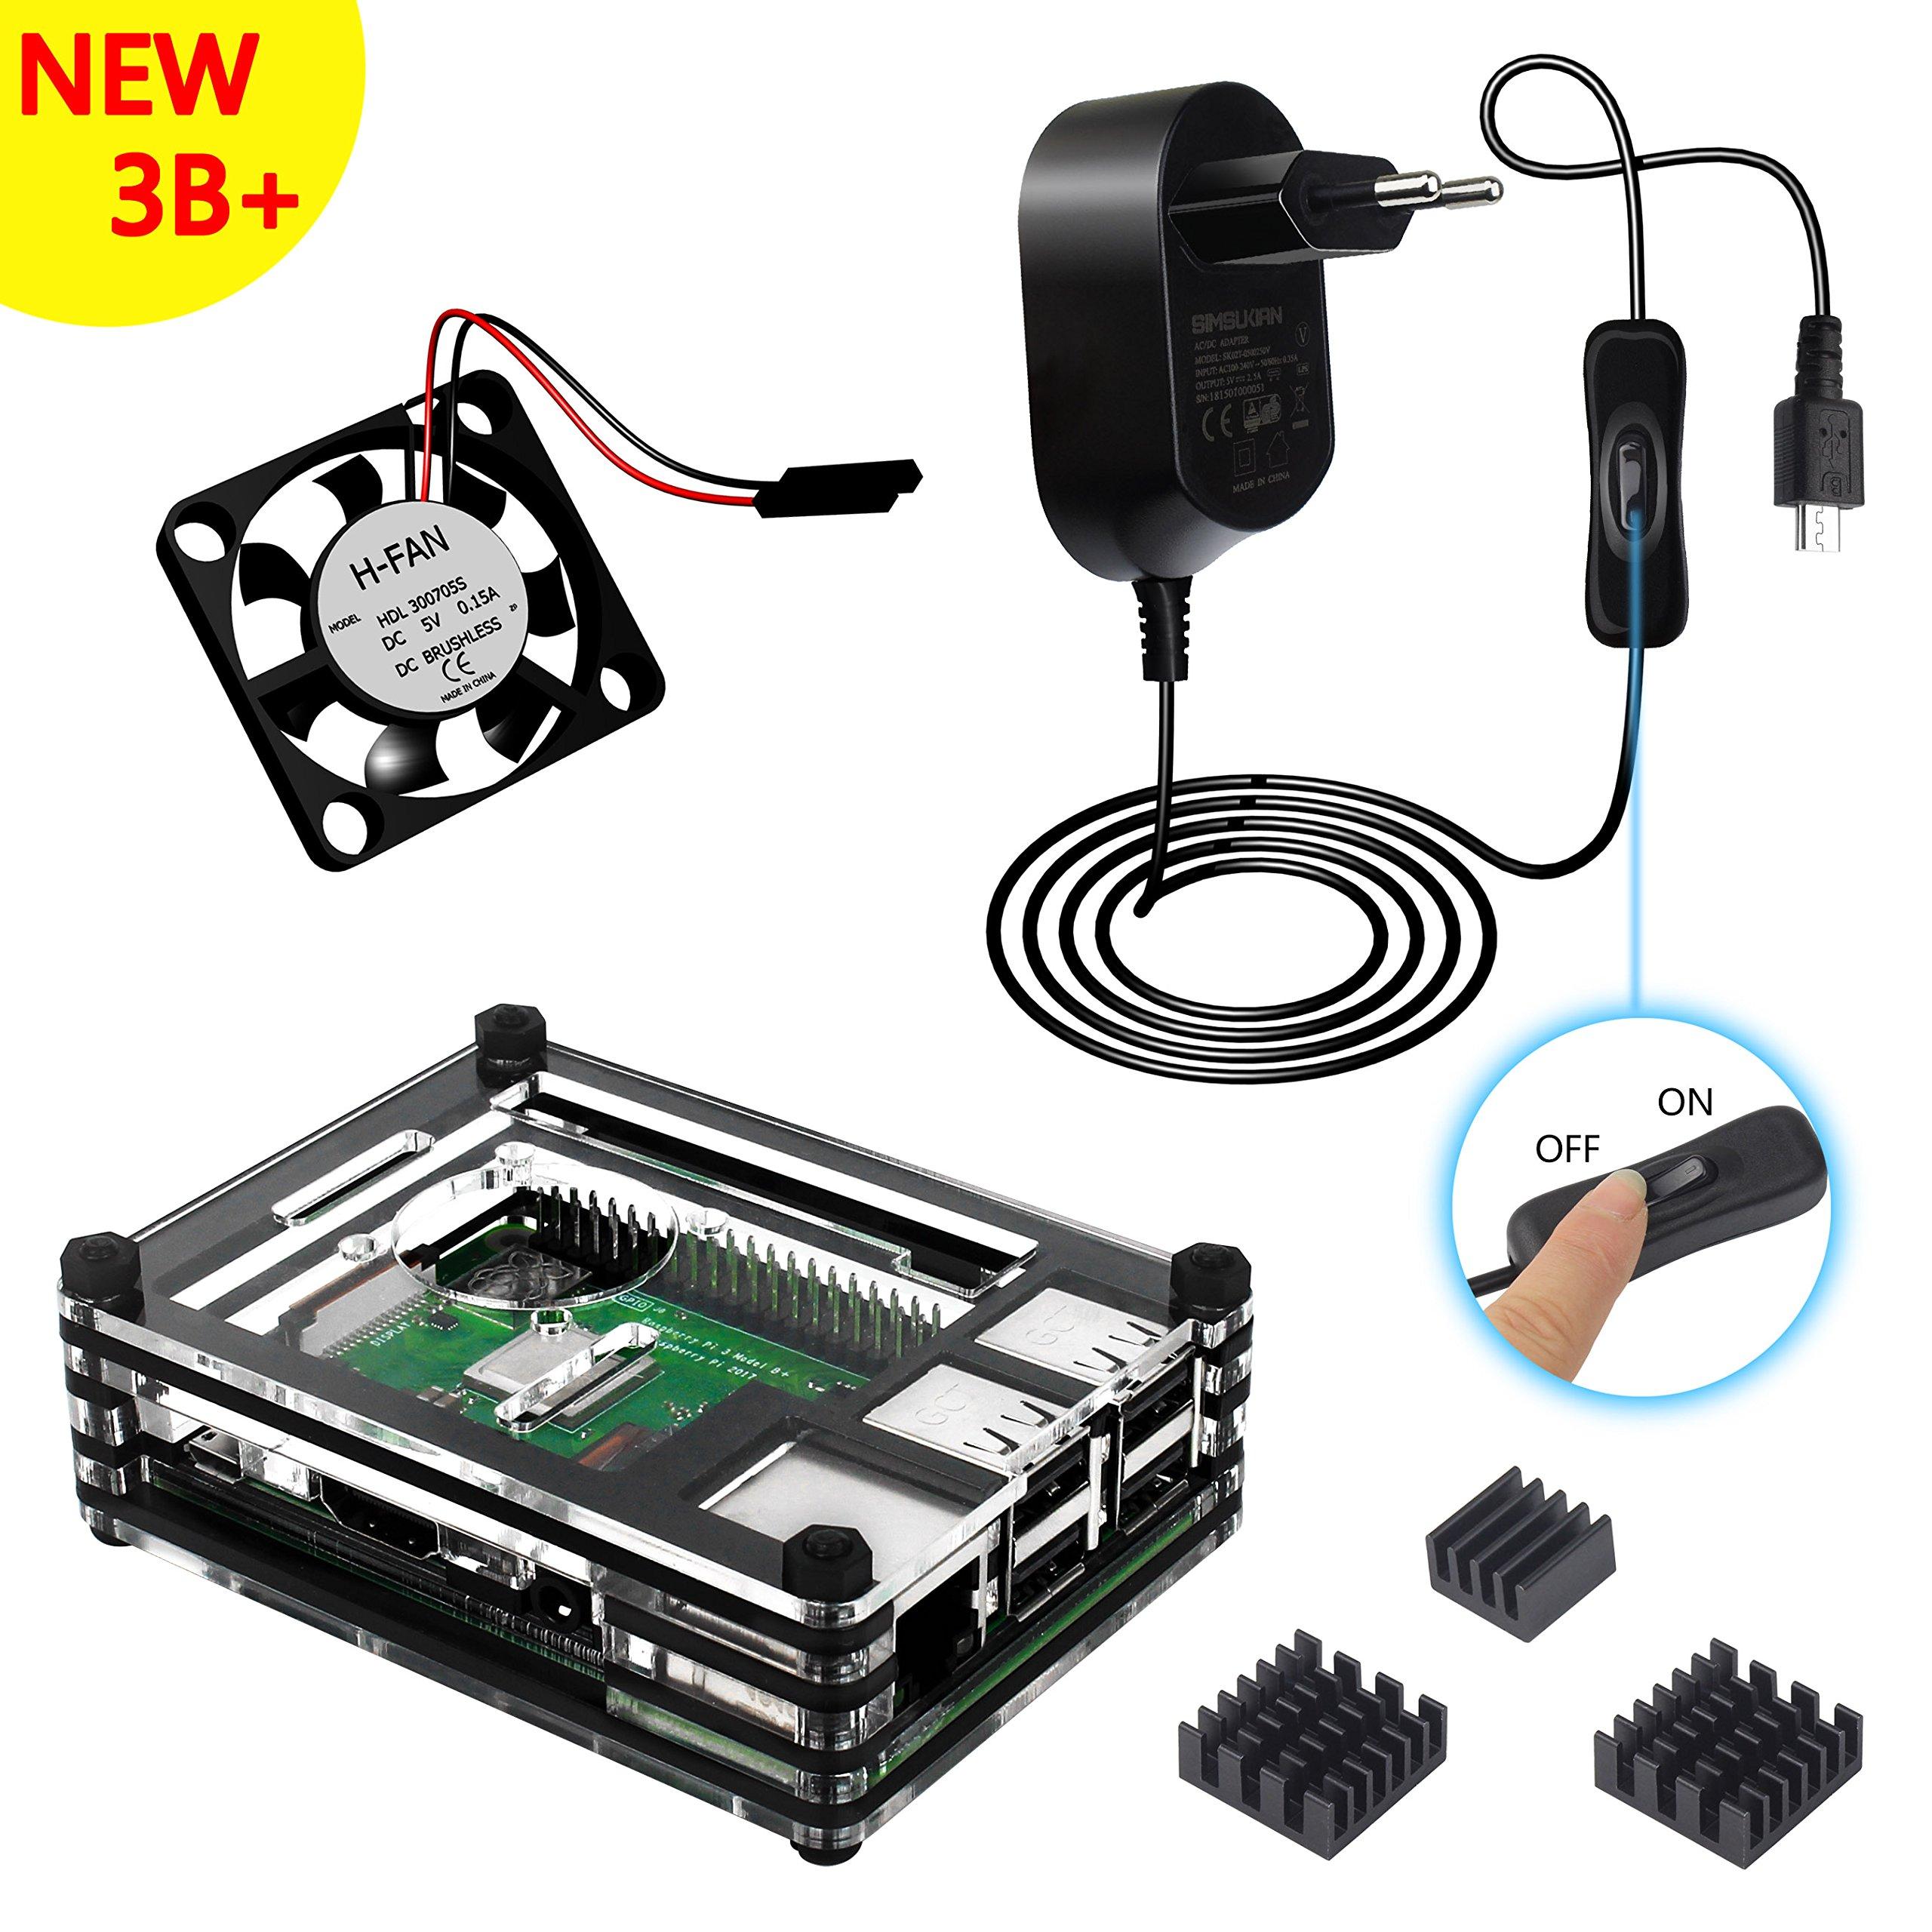 Kit Caja Para Raspberry Pi 3 Modelo B+ Plus Carcasa con 5V 2.5A Alimentación con